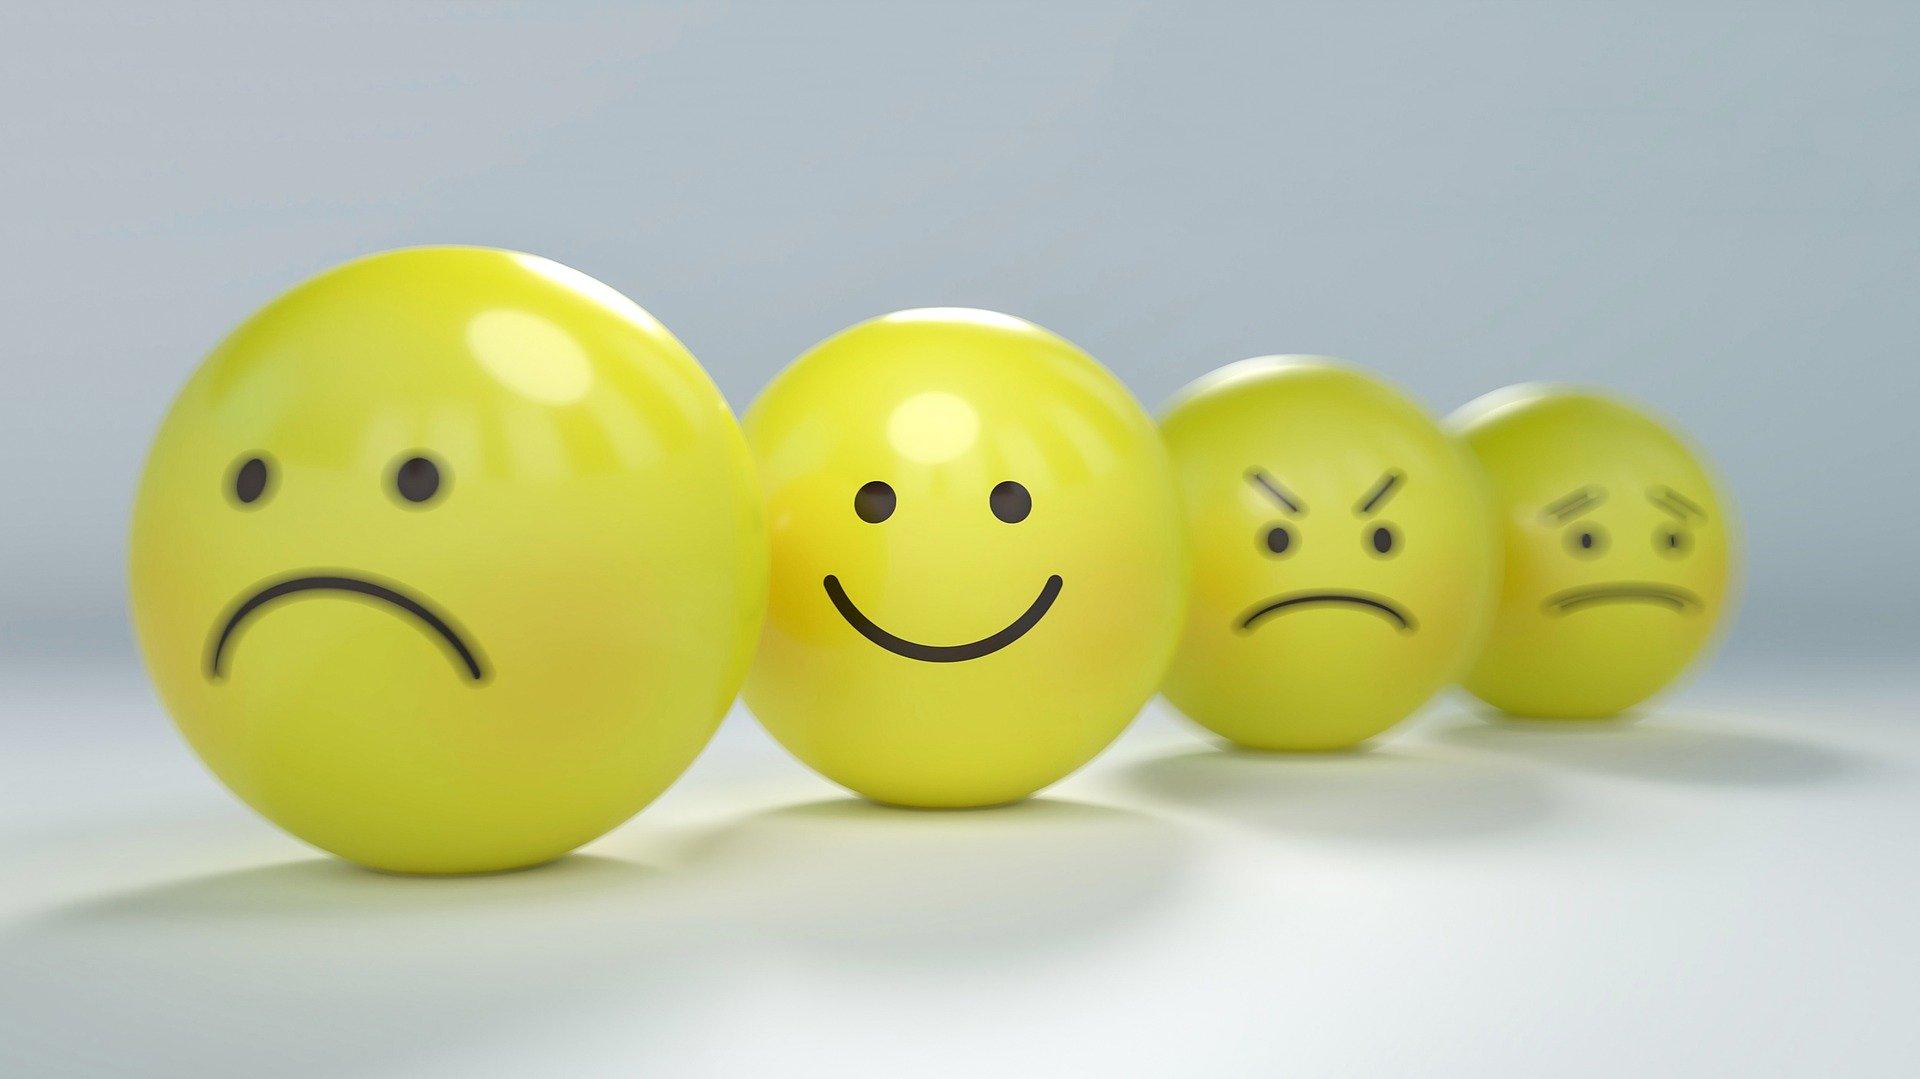 quatre boules jaunes qui représente chacune une émotion, comme des visages